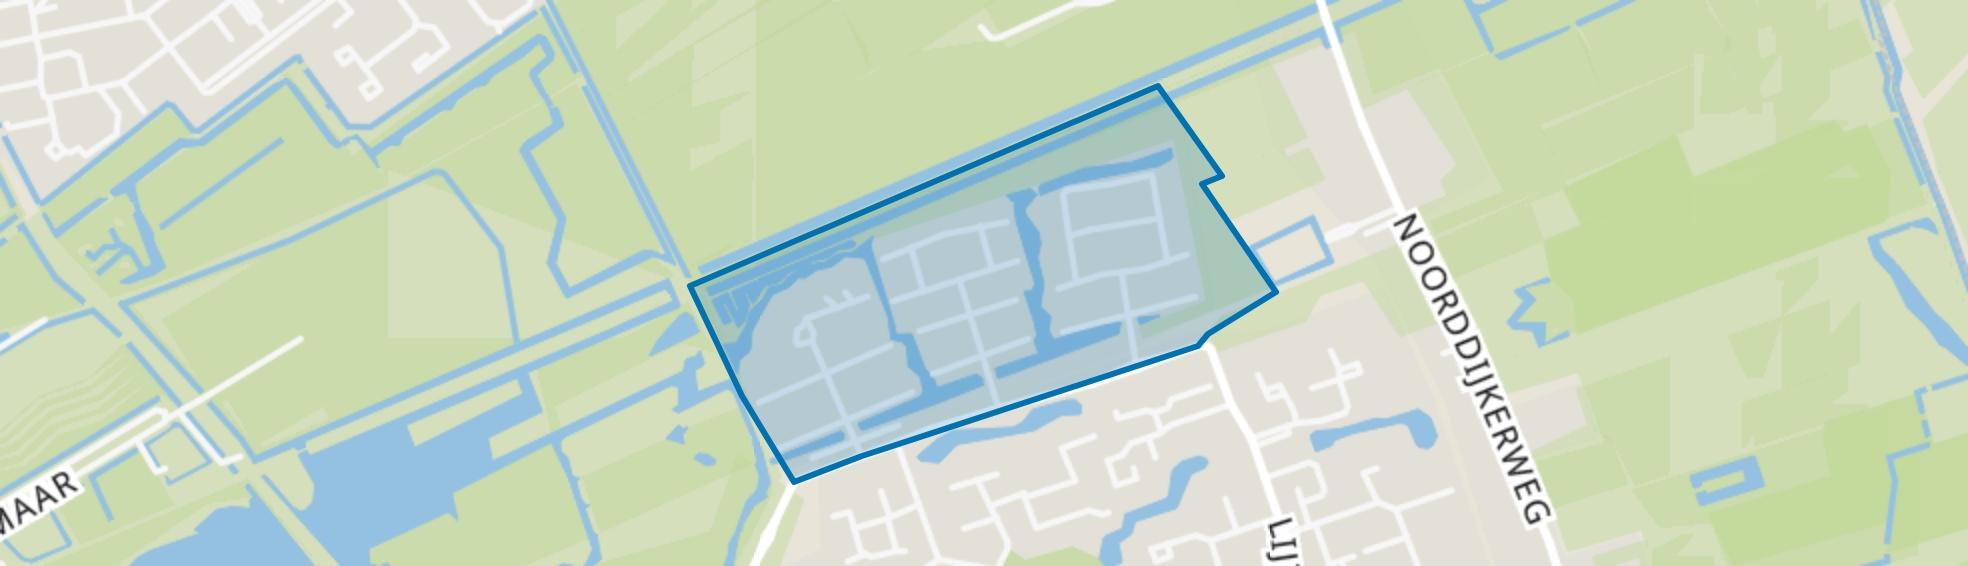 Drielanden, Groningen map